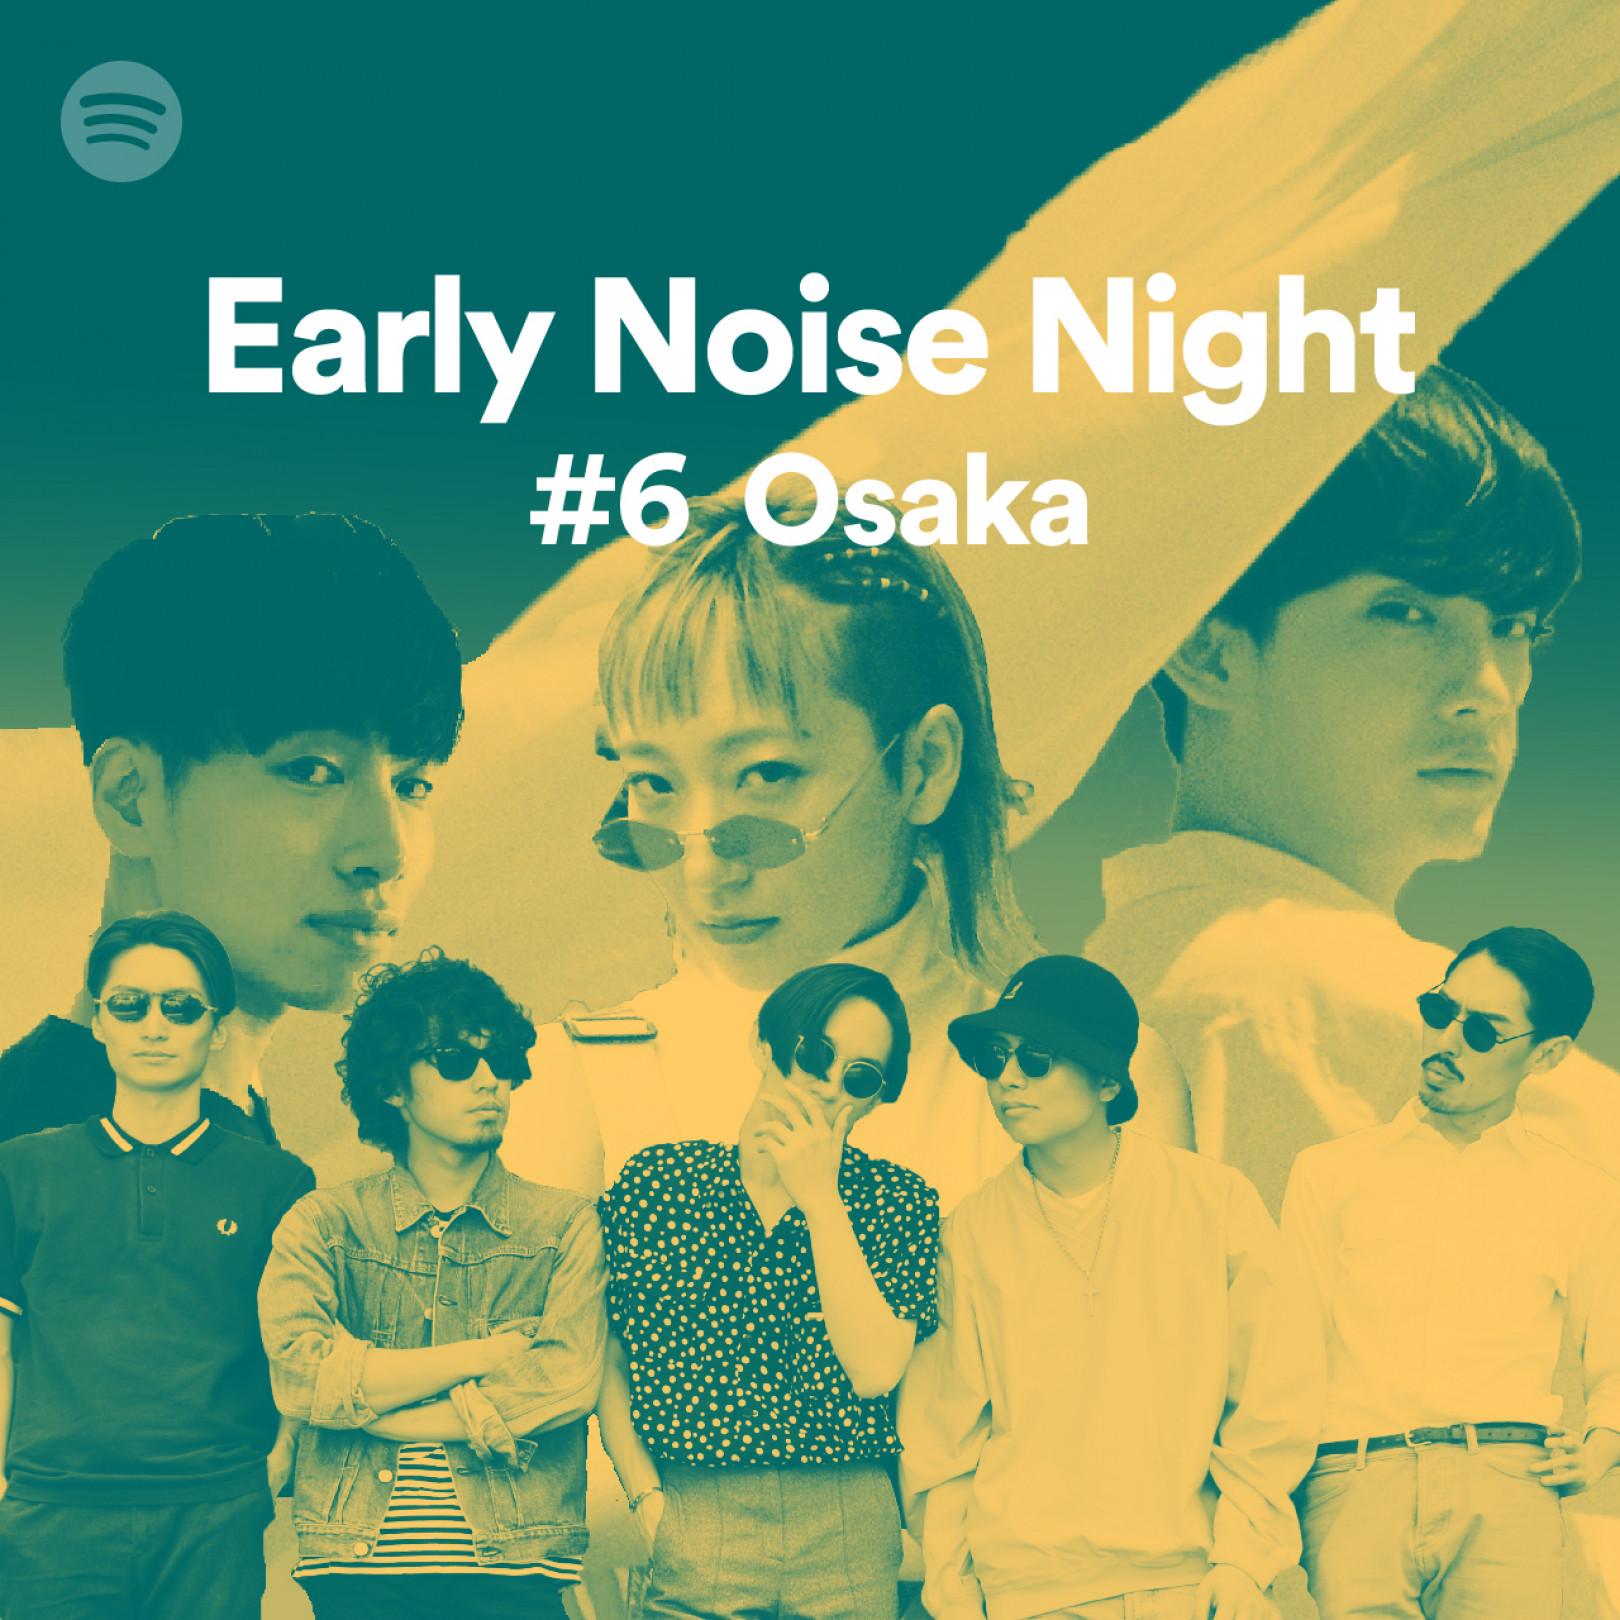 「Spotify Early Noise Night #6 Osaka」